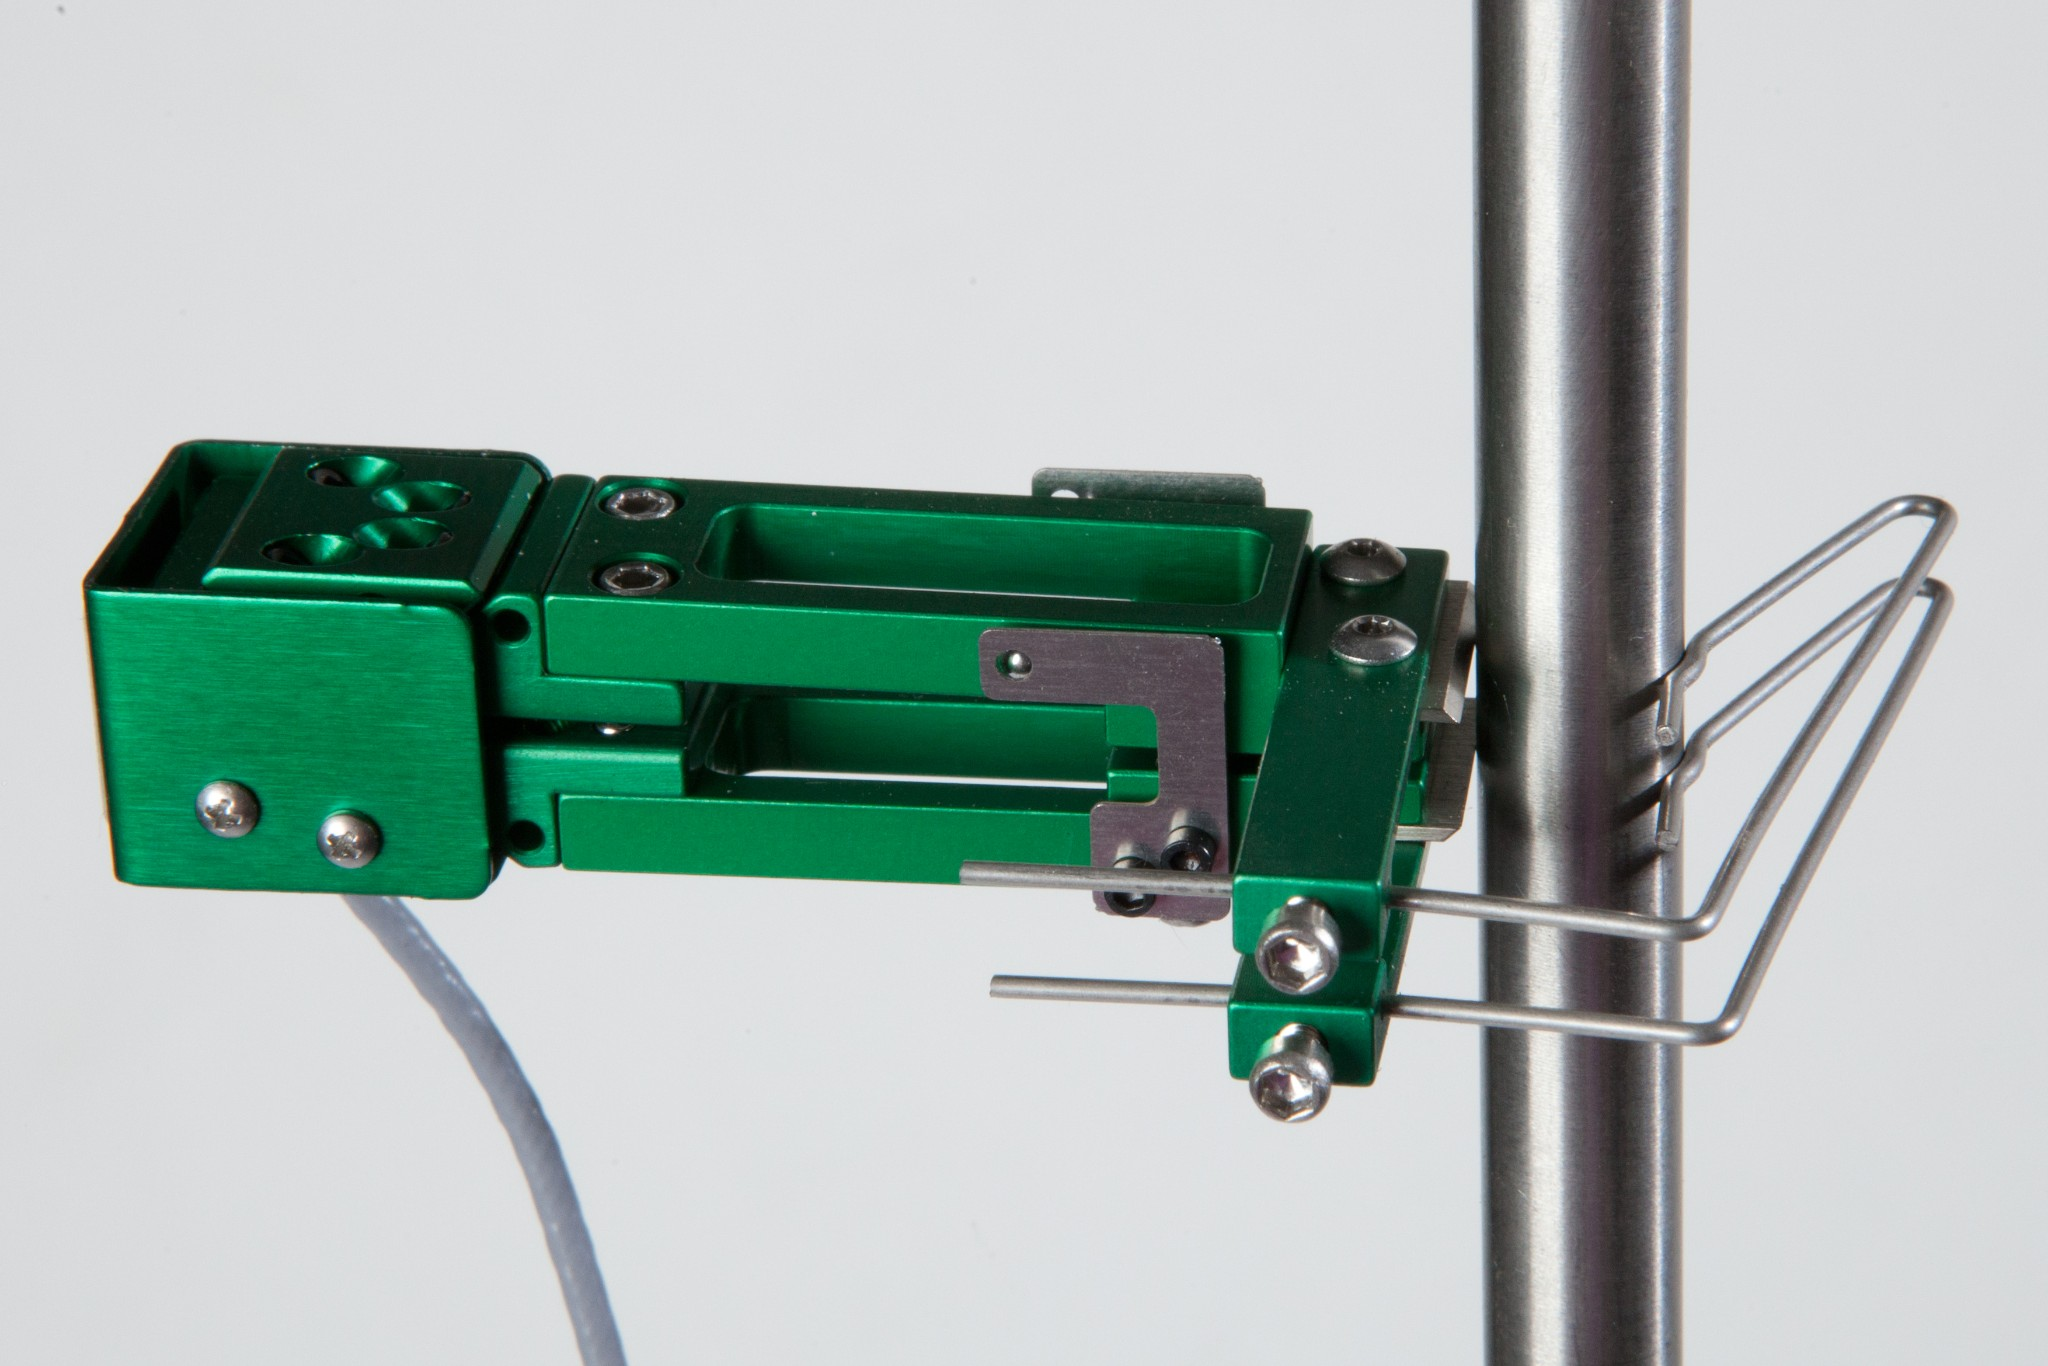 Внешний вид экстензометра ТС703-3442 с базовой длиной 10 мм